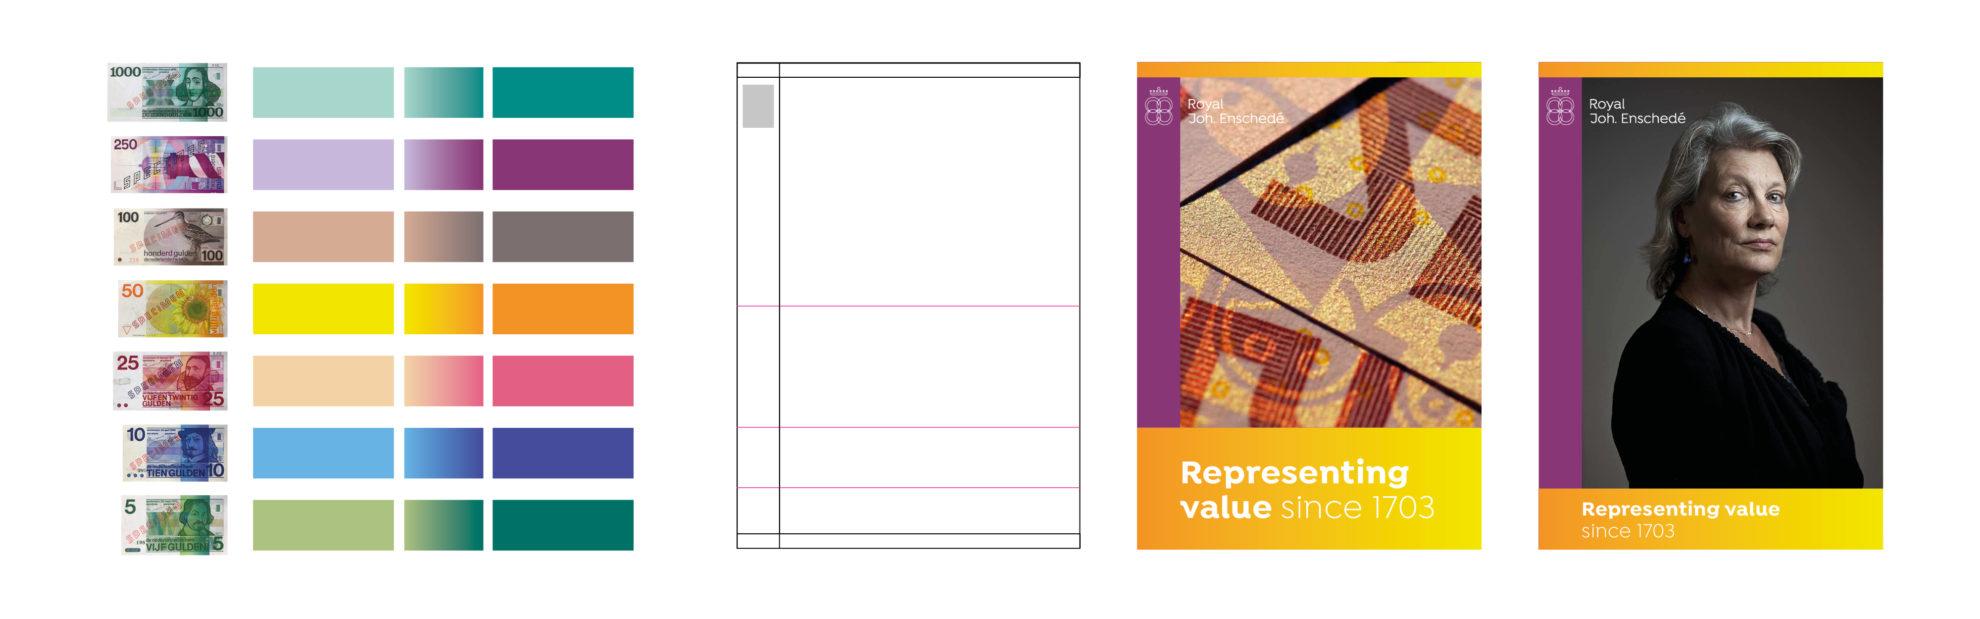 Joh-Enschede-Values-kleuren-en-layout